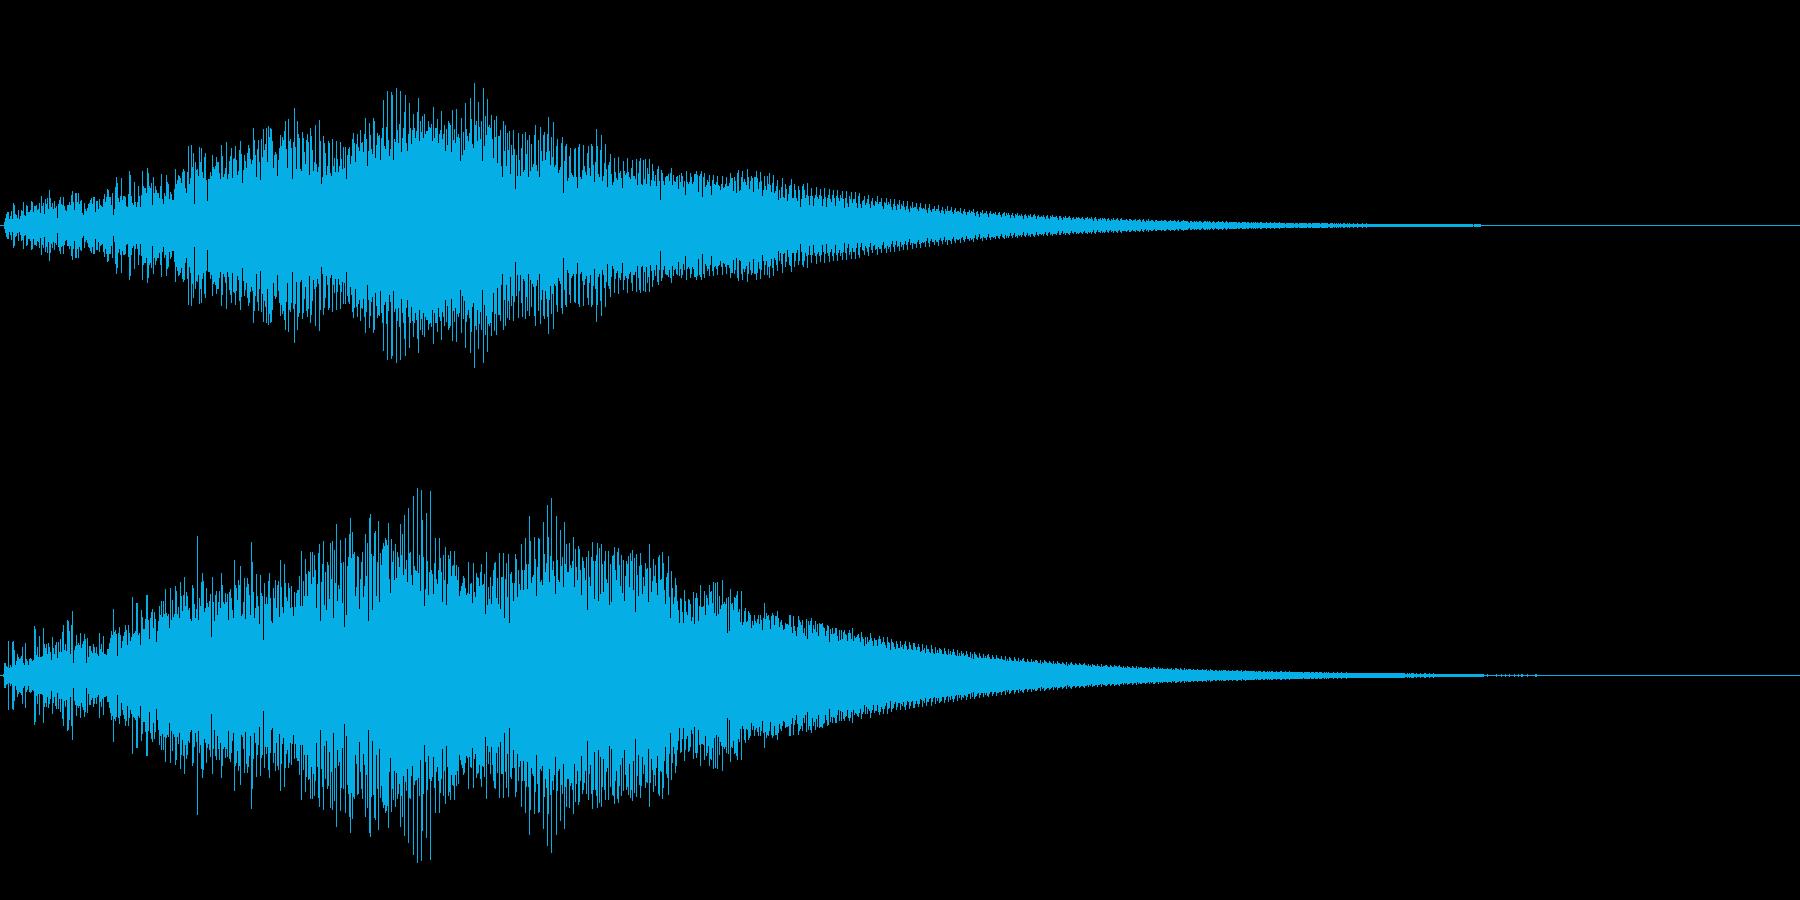 ブーン(物体が通り過ぎるような音)の再生済みの波形